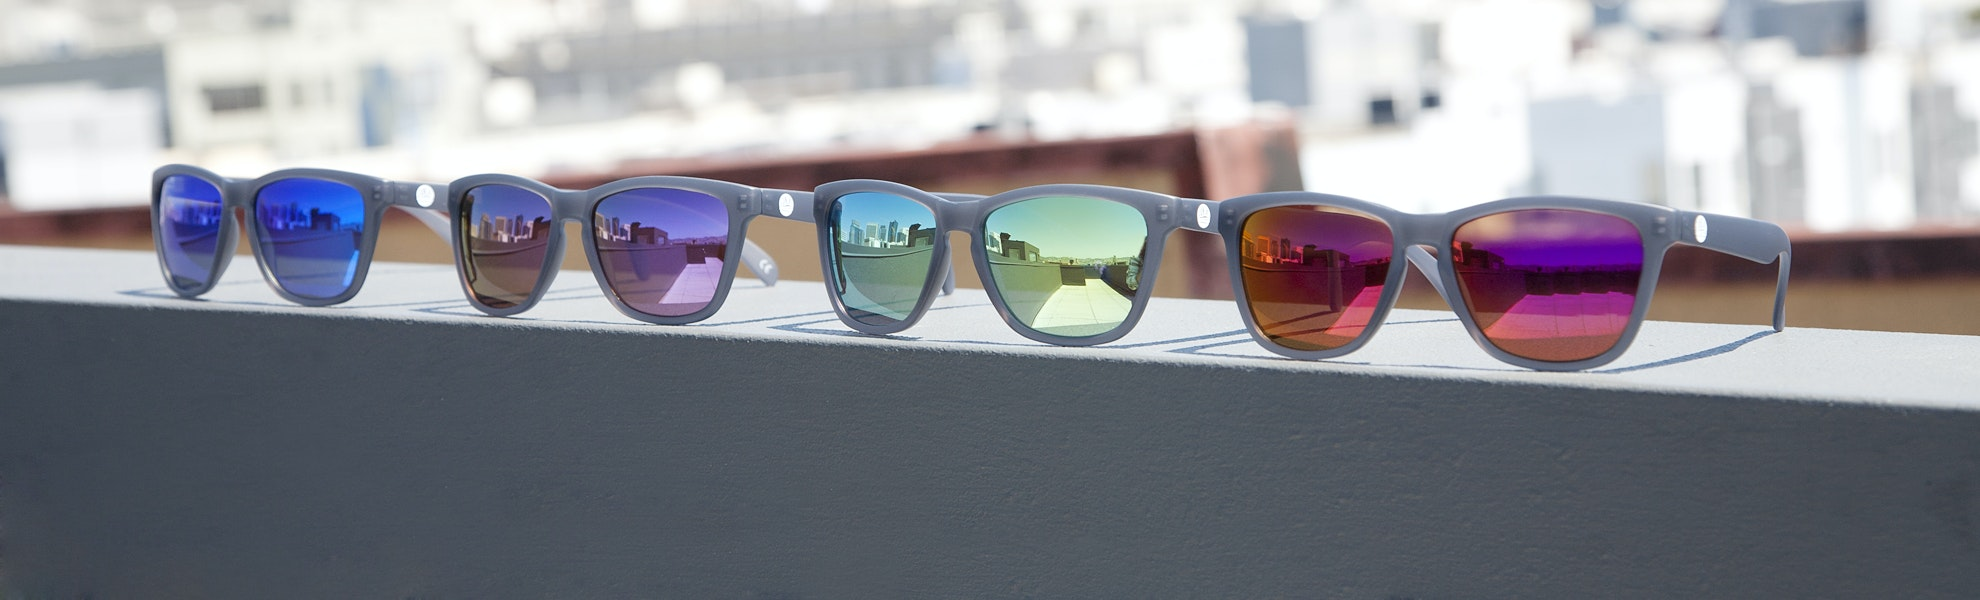 Sunski Headlands Sunglasses